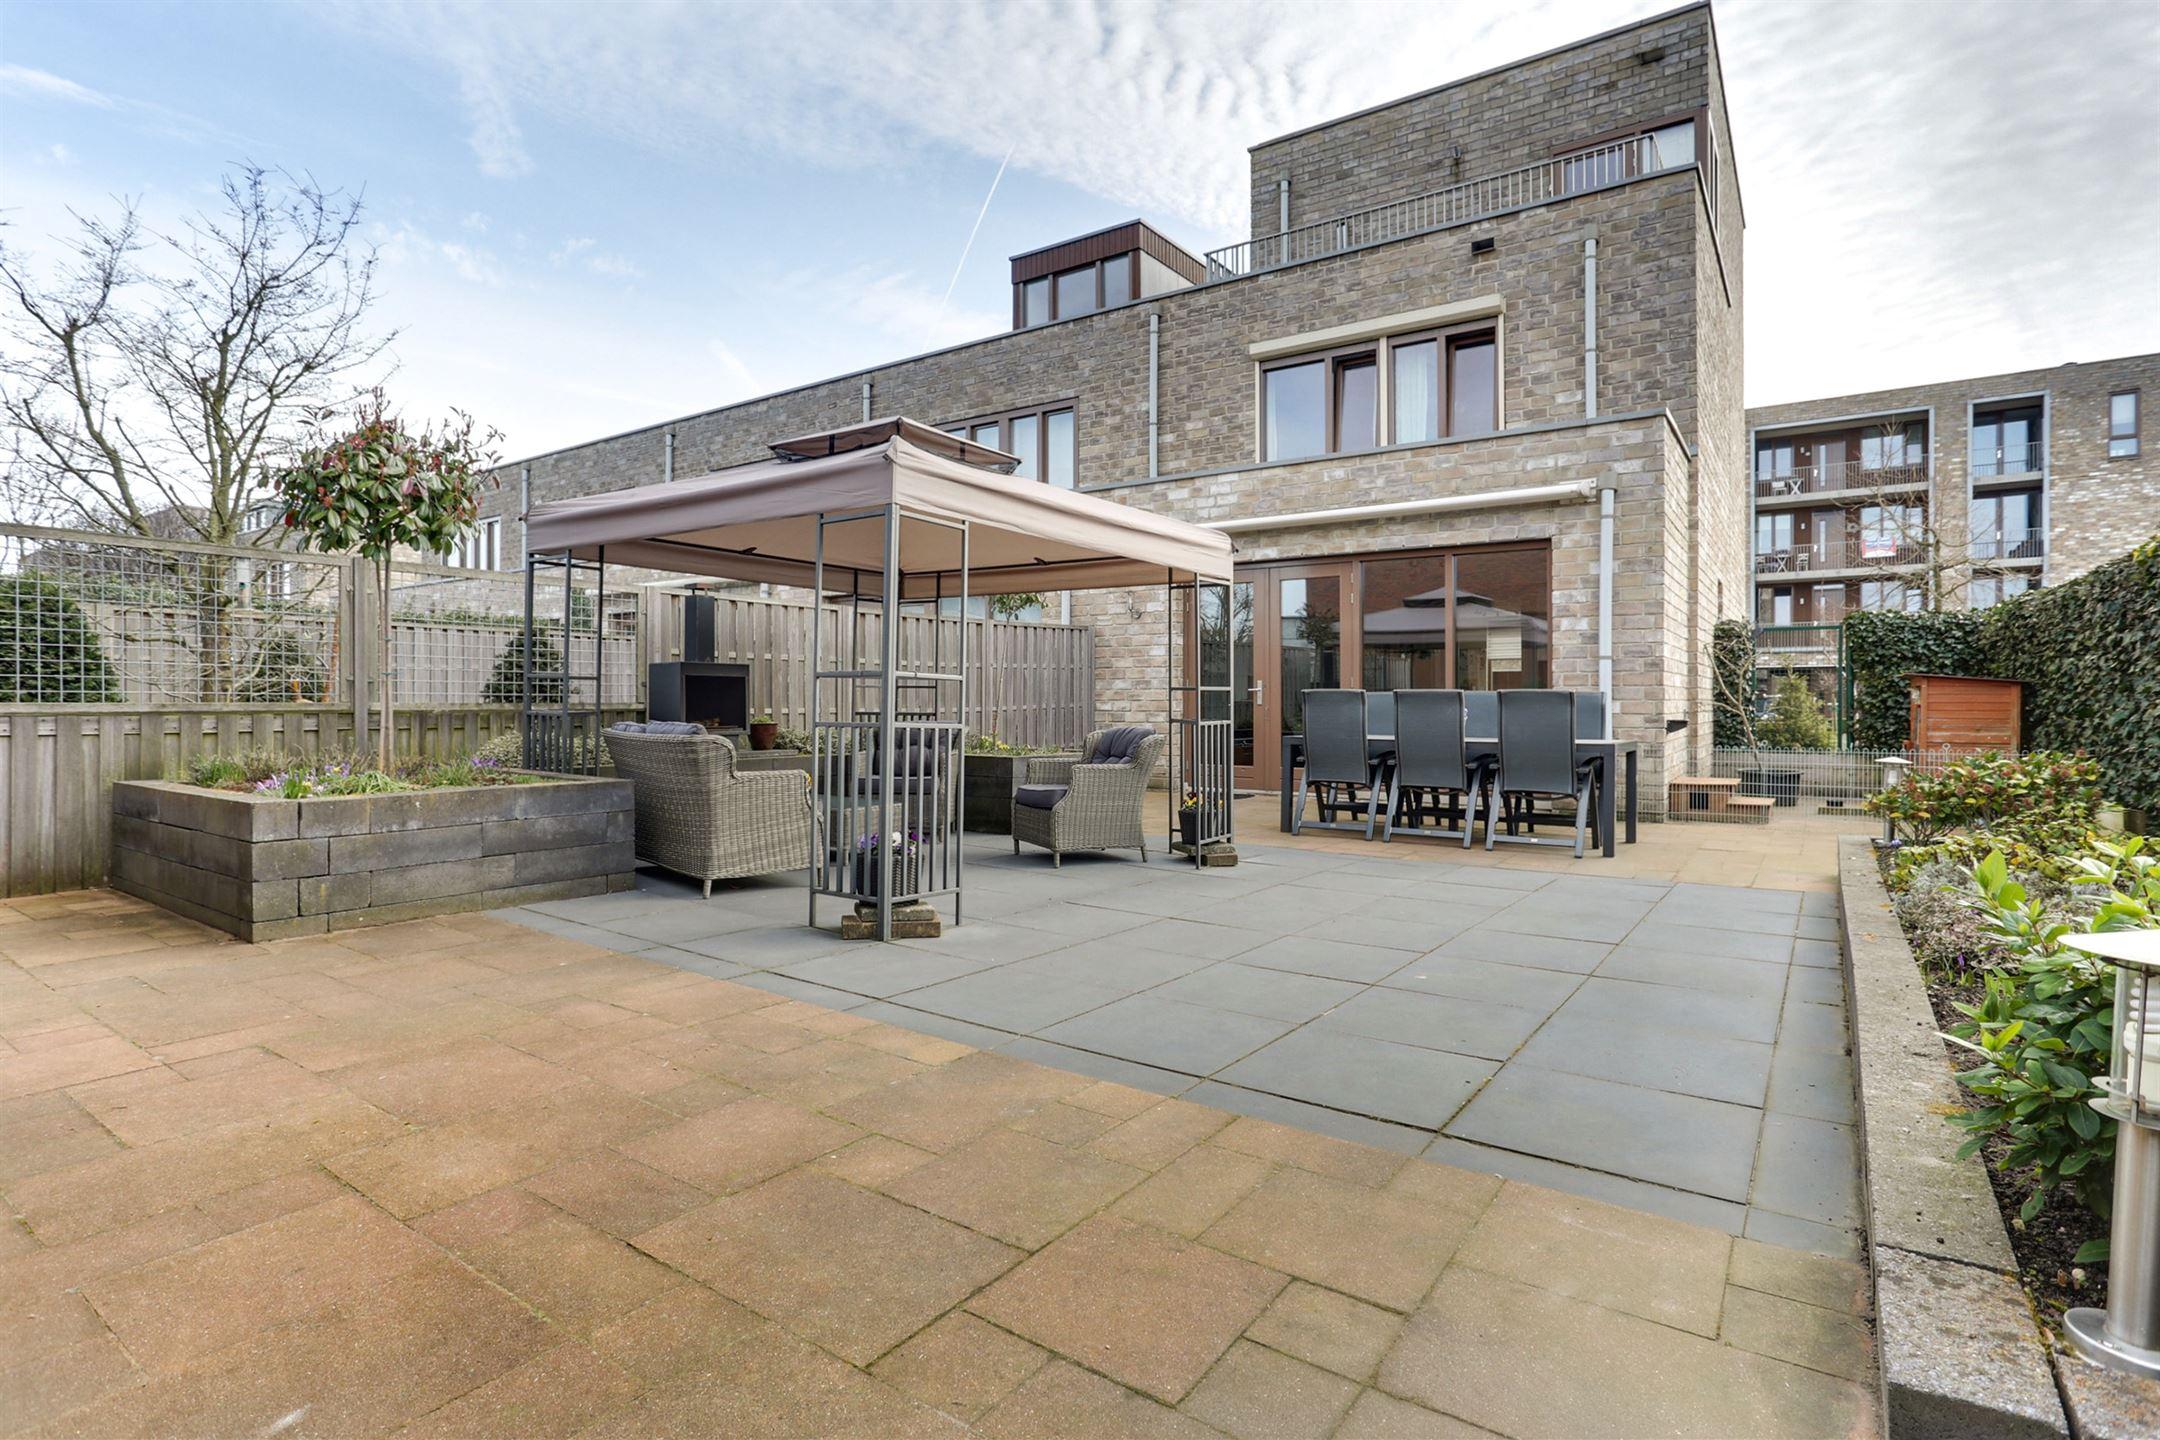 Verkocht macbridestraat 49 3902 kk veenendaal funda - Exterieur ingang eigentijds huis ...